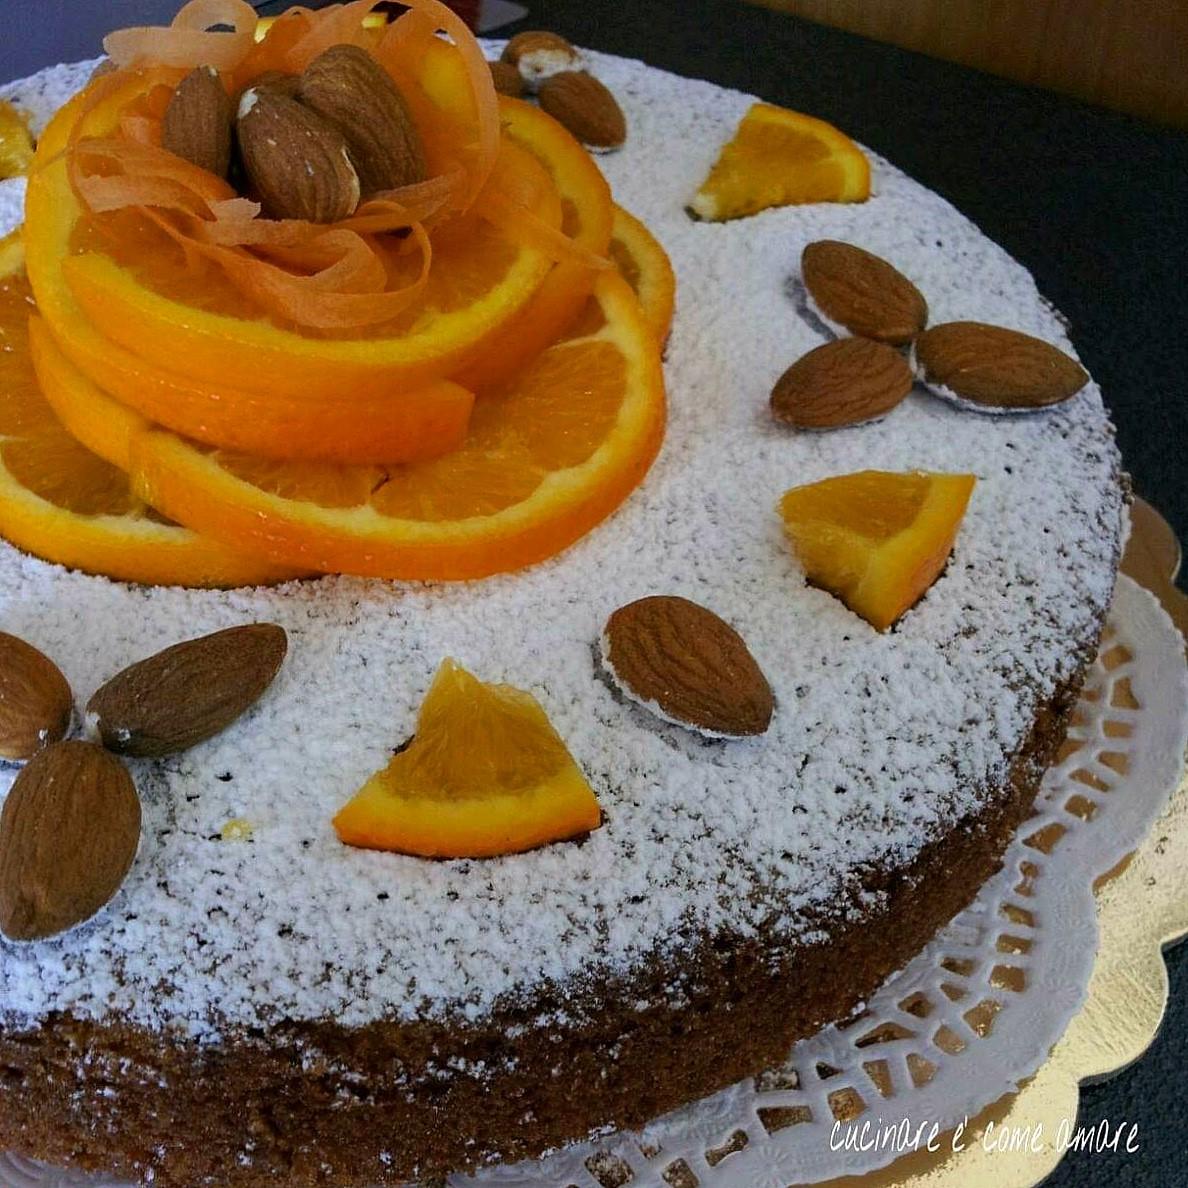 Torta mandorla carote e arancia cucinare come amare for Cucinare carote